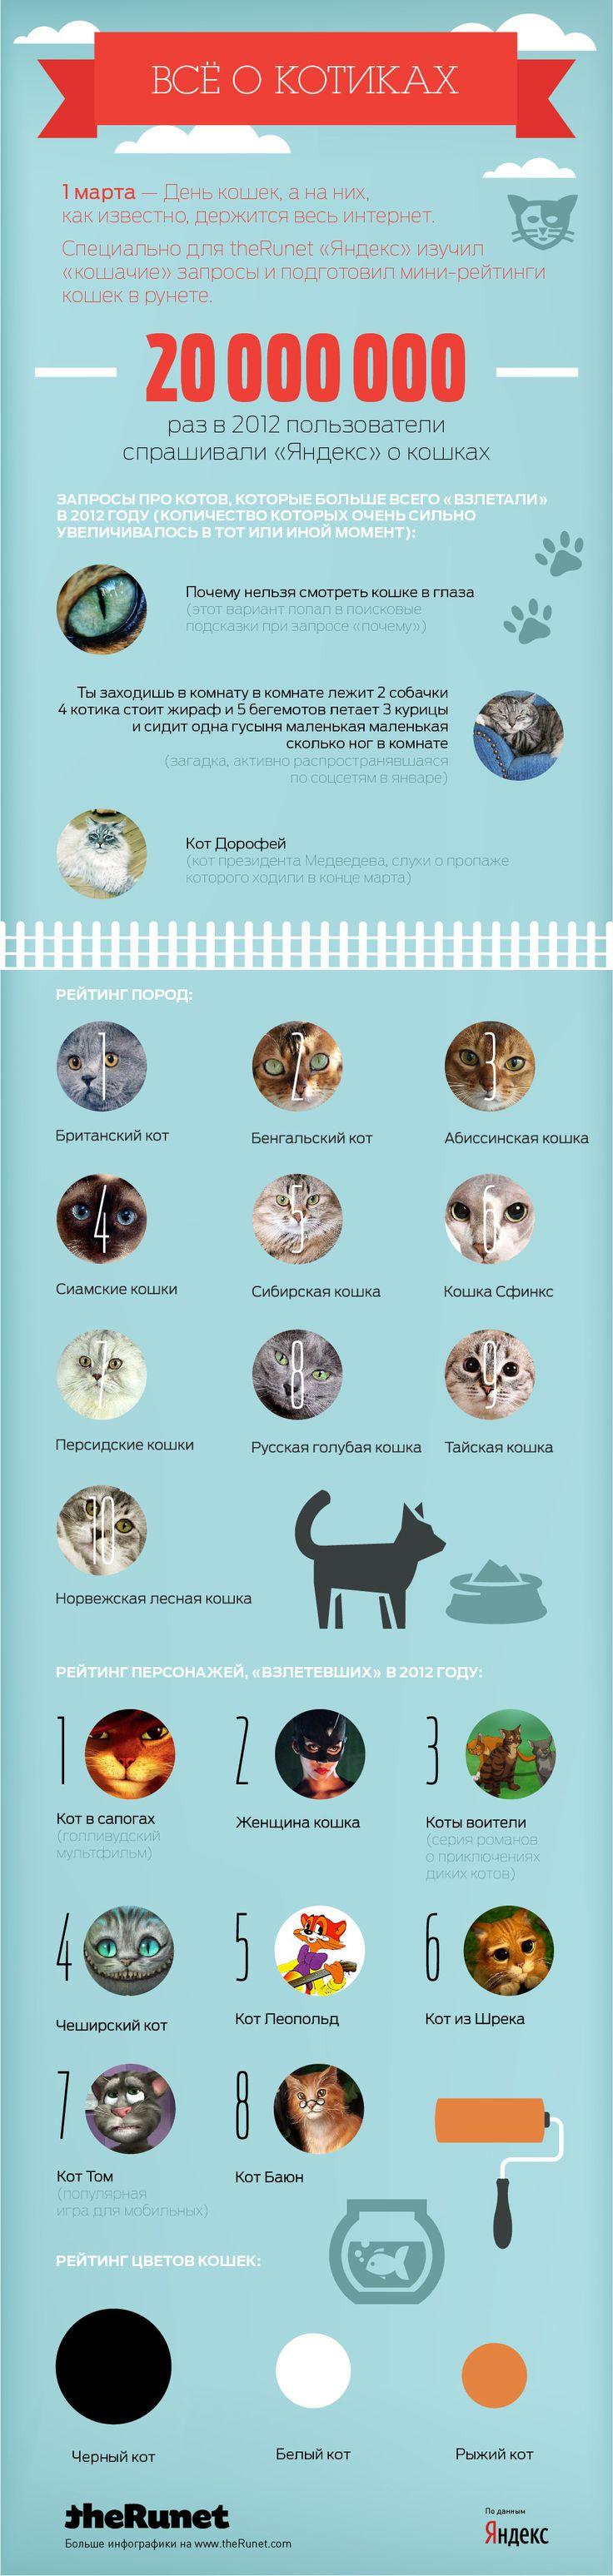 Инфографика: котики 2012